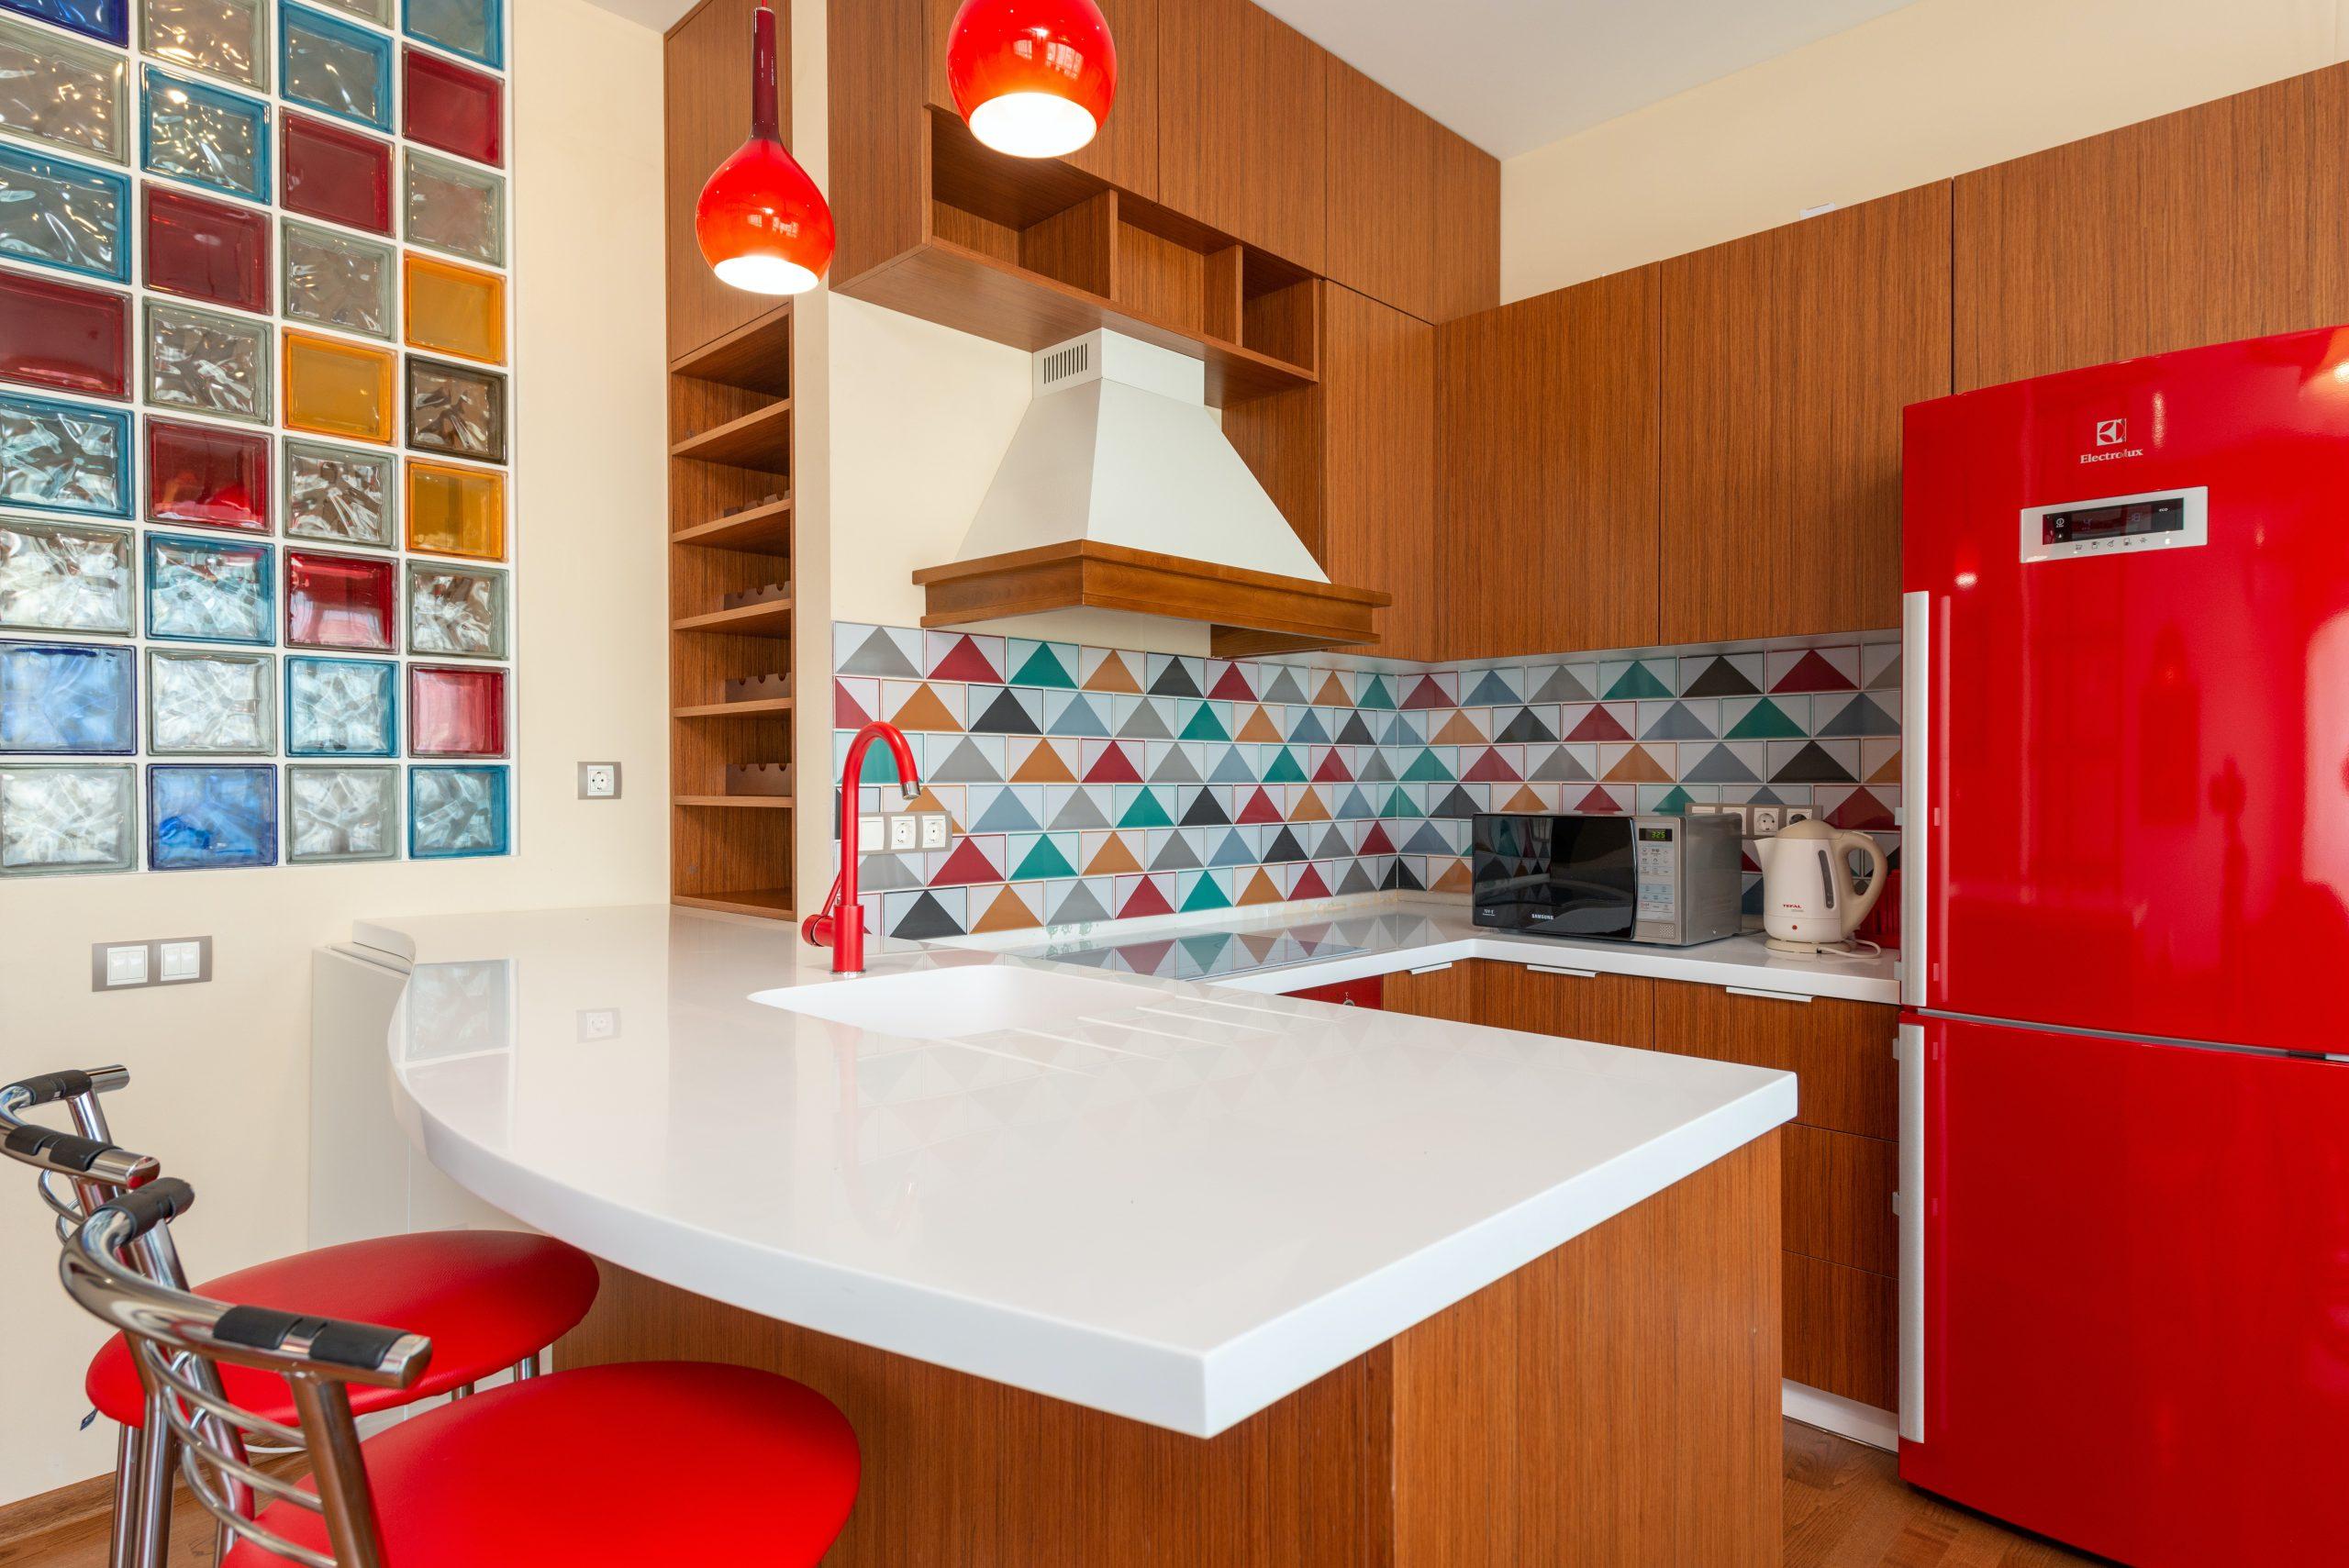 Na foto uma cozinha americana com decoração vermelha.